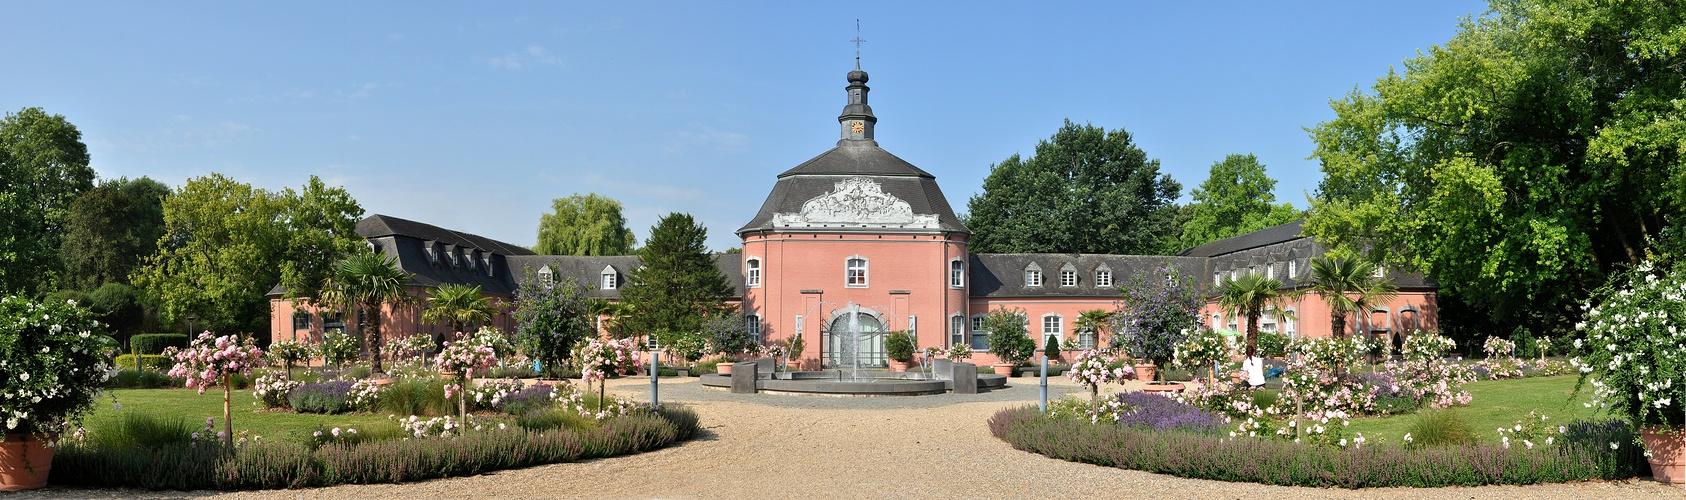 Schloss Wickrath..........